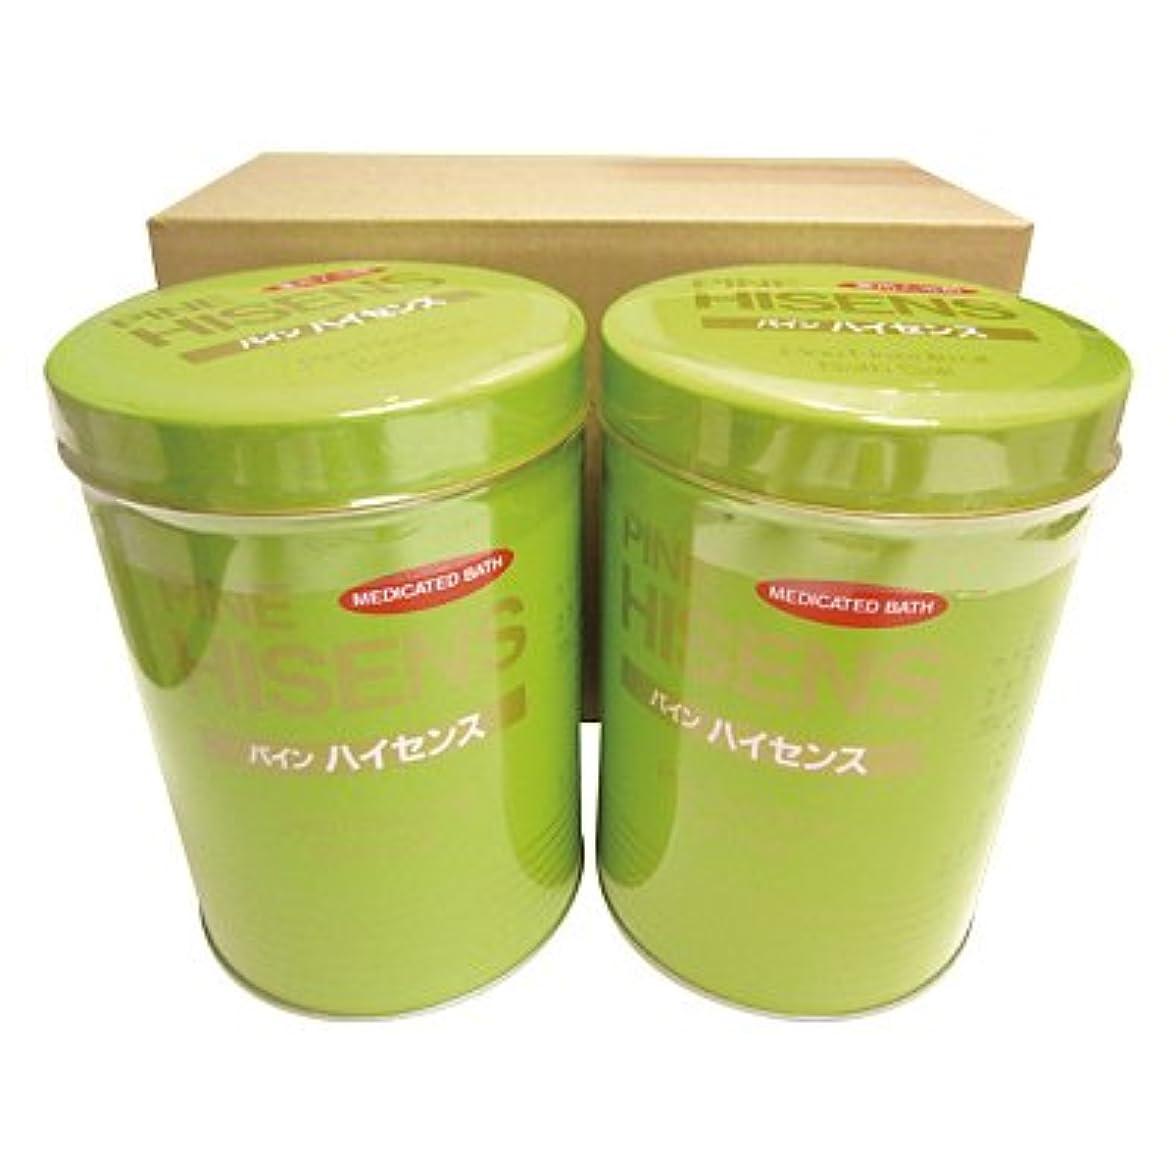 アラビア語とげのある生態学高陽社 薬用入浴剤 パインハイセンス 2.1kg 2缶セット